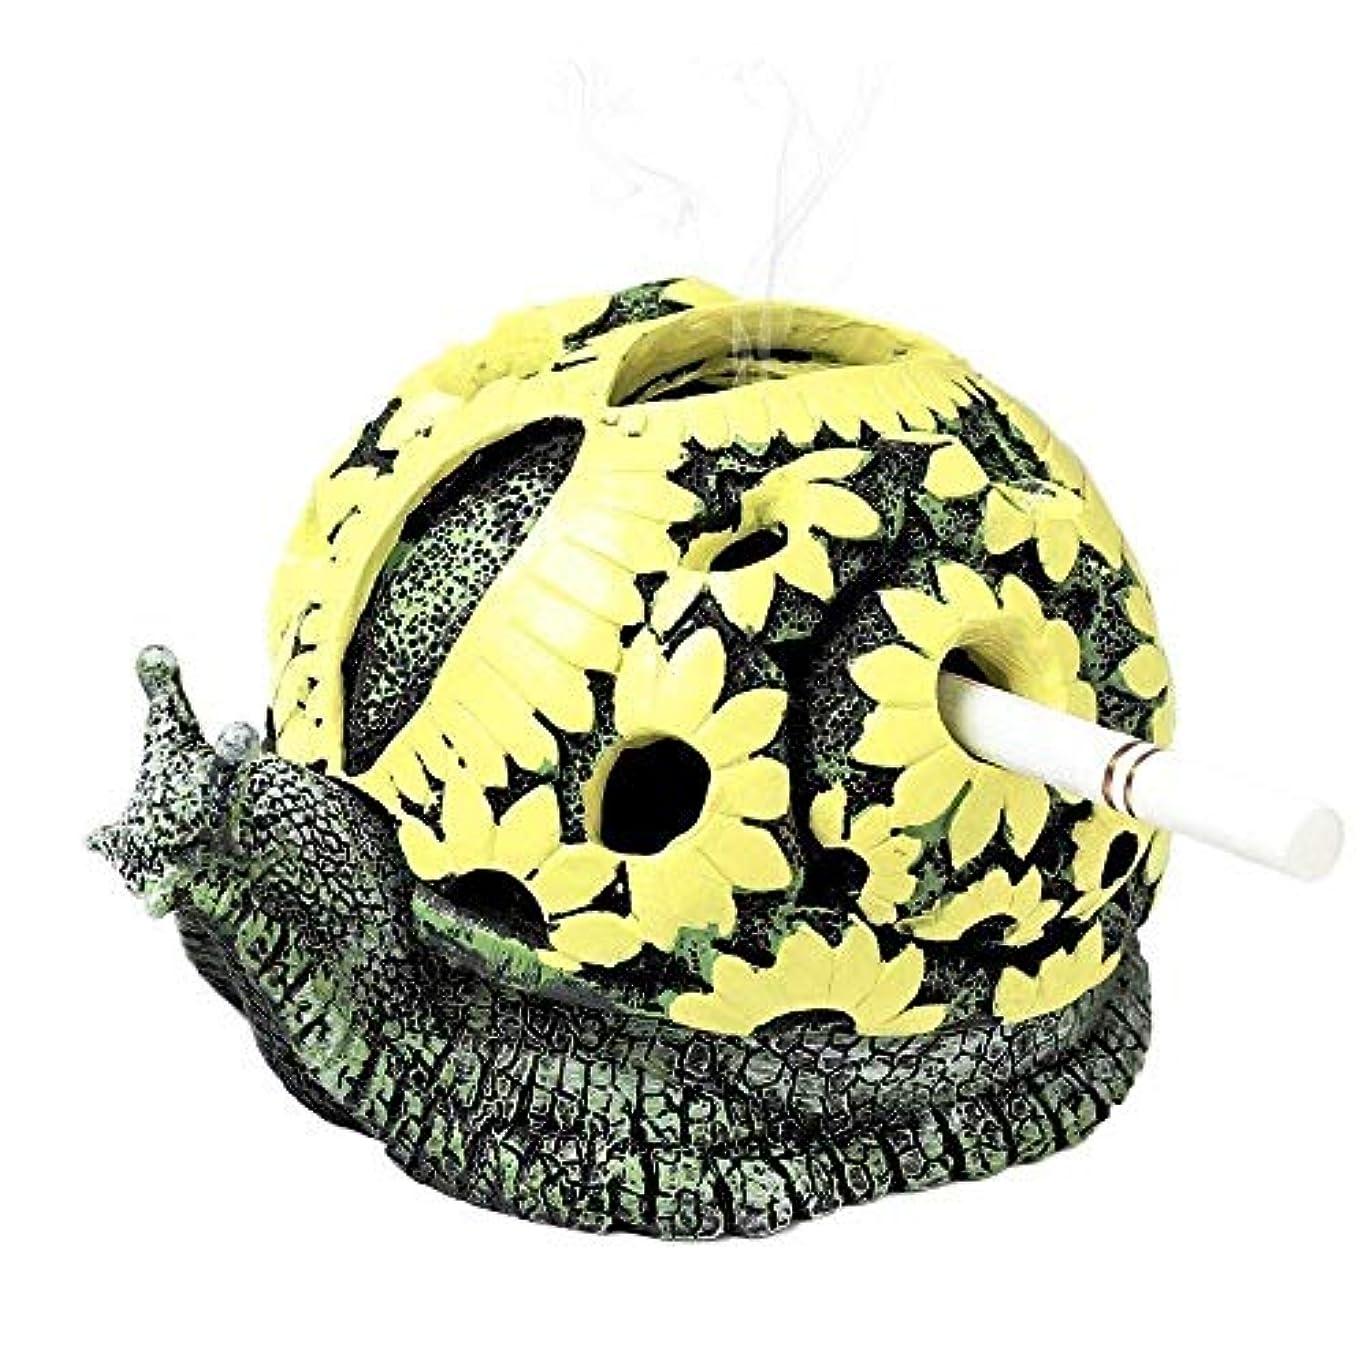 レコーダー受益者富モンスター灰皿クリエイティブカタツムリ灰皿工芸品の装飾クリエイティブタートル灰皿 (色 : Escargot)